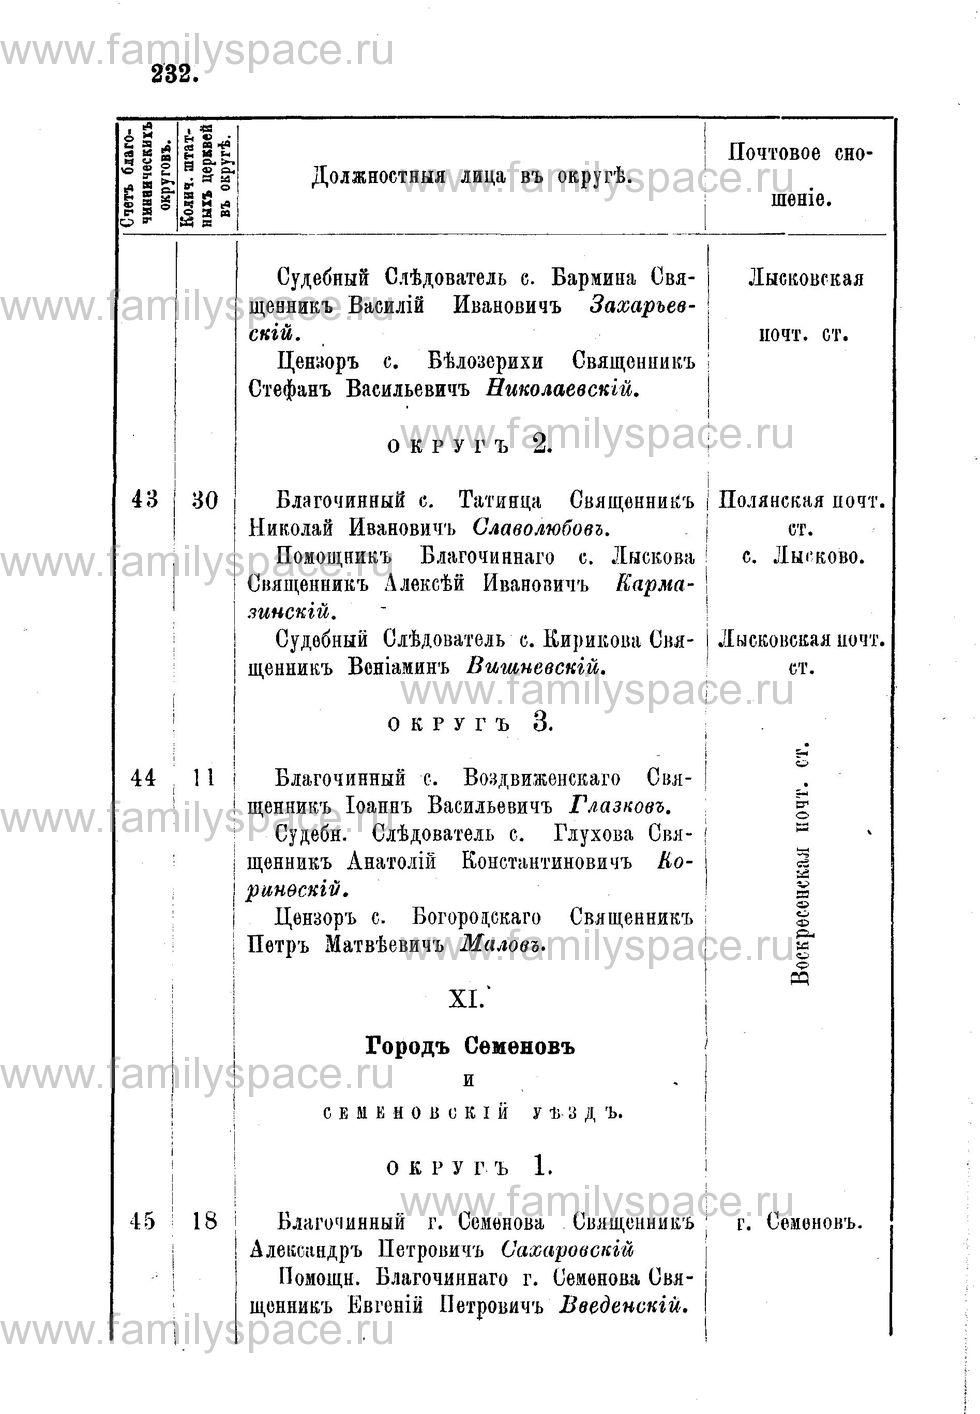 Поиск по фамилии - Адрес-календарь Нижегородской епархии на 1888 год, страница 1232